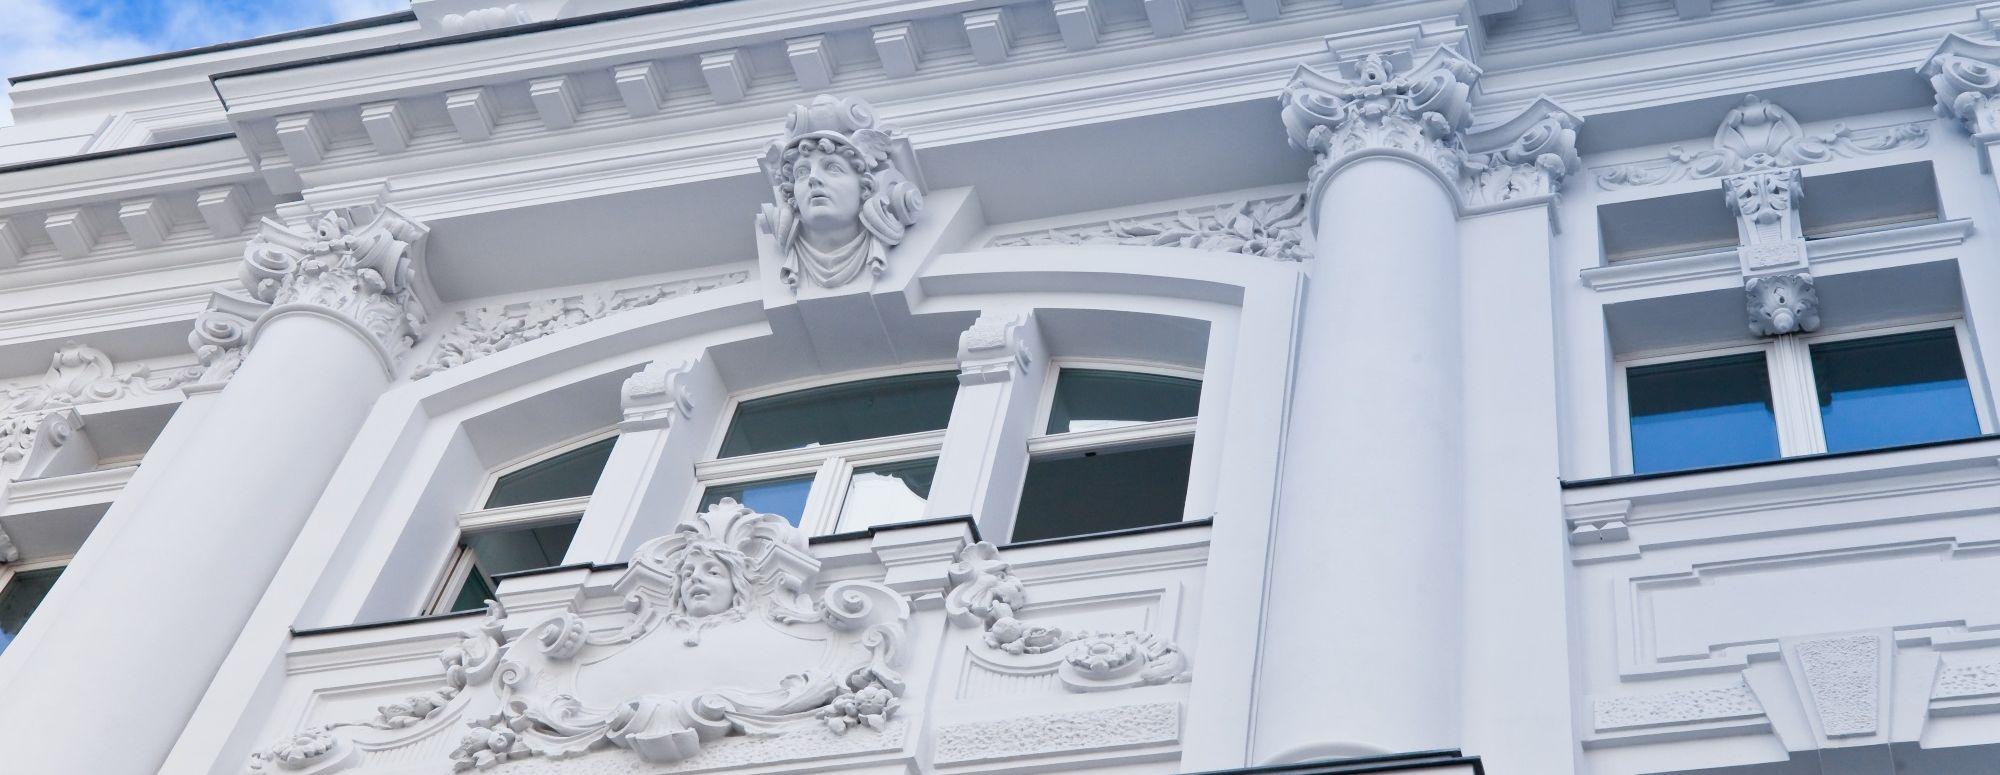 Bauunternehmen Wien | Baufirma Wien